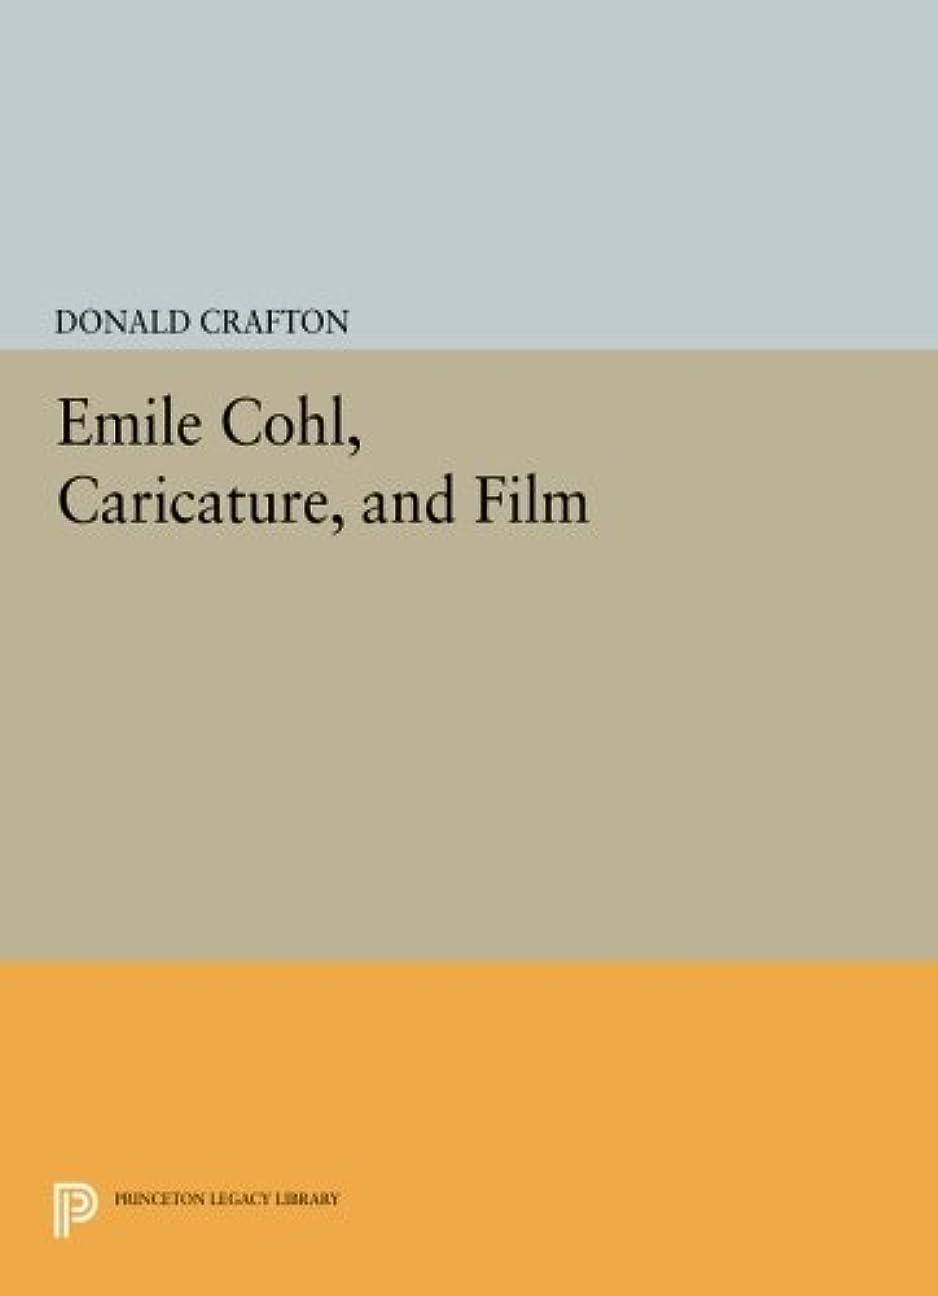 歯科の乗り出す魅力的であることへのアピールEmile Cohl, Caricature, and Film (Princeton Legacy Library)